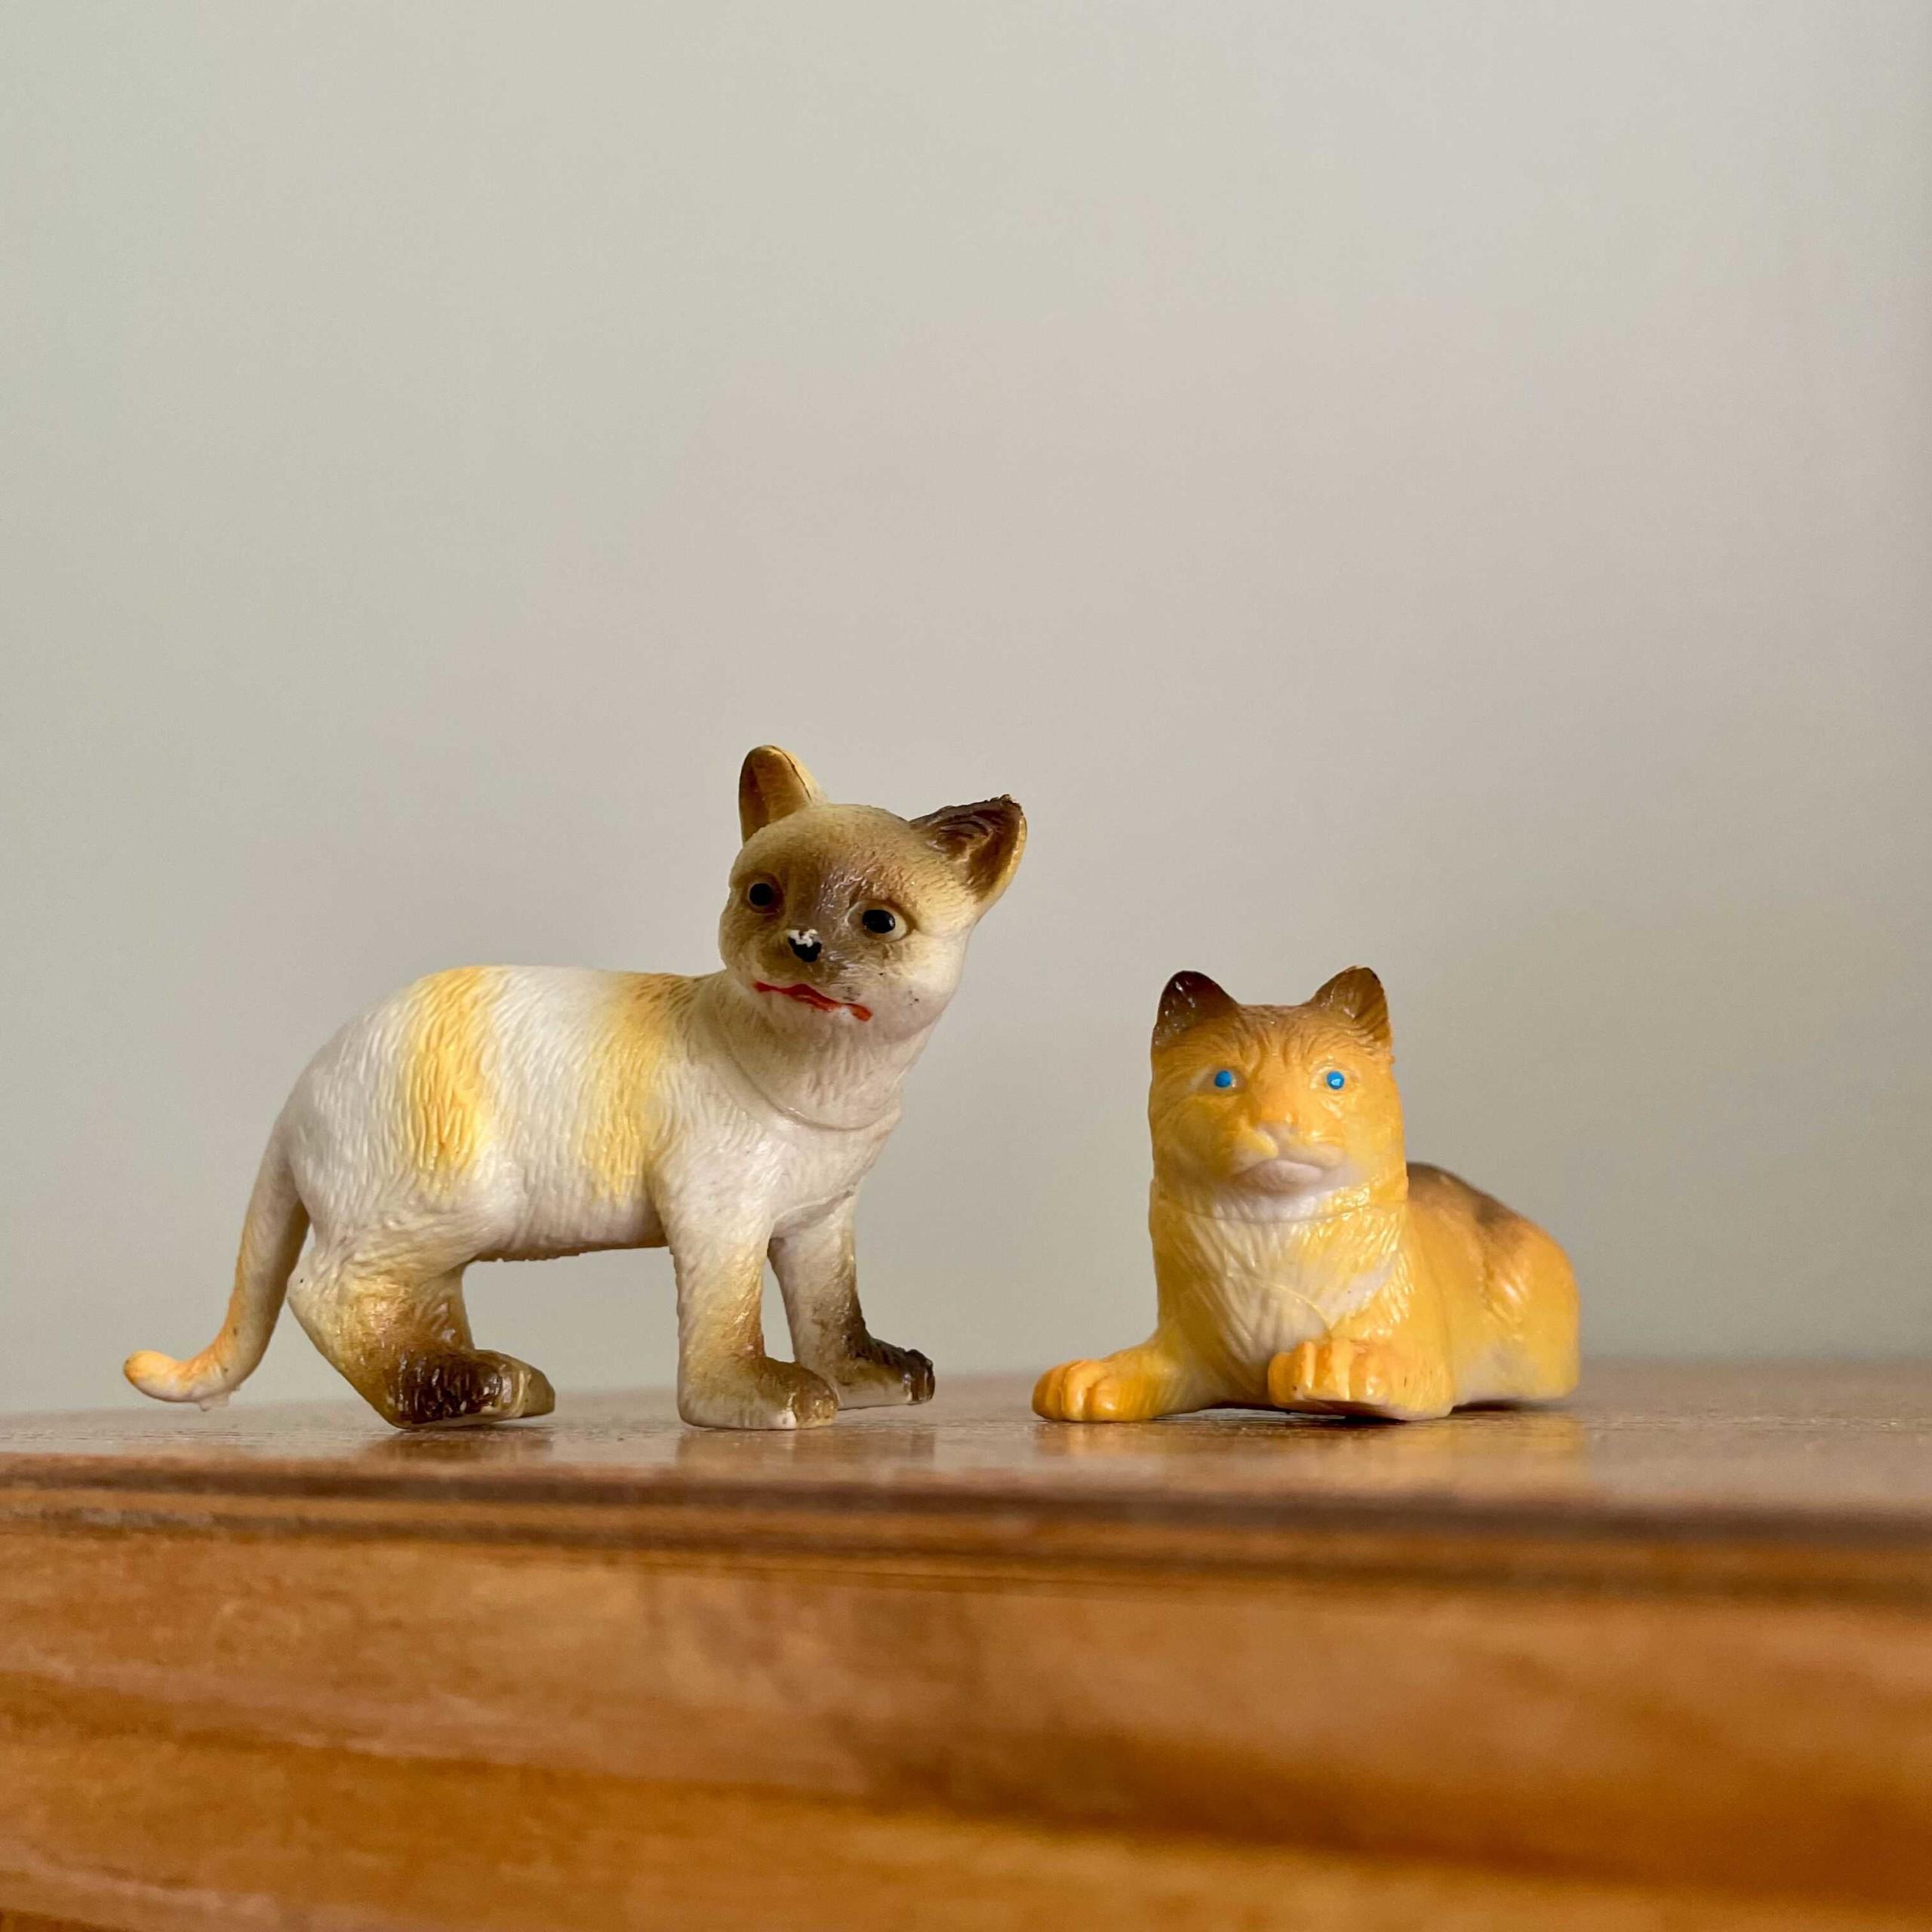 Kuvassa on vaaleaa taustaa vasten kaksi kissafiguuria ruskealla pöydällä. Toinen kissa seisoo ja toinen makoilee.